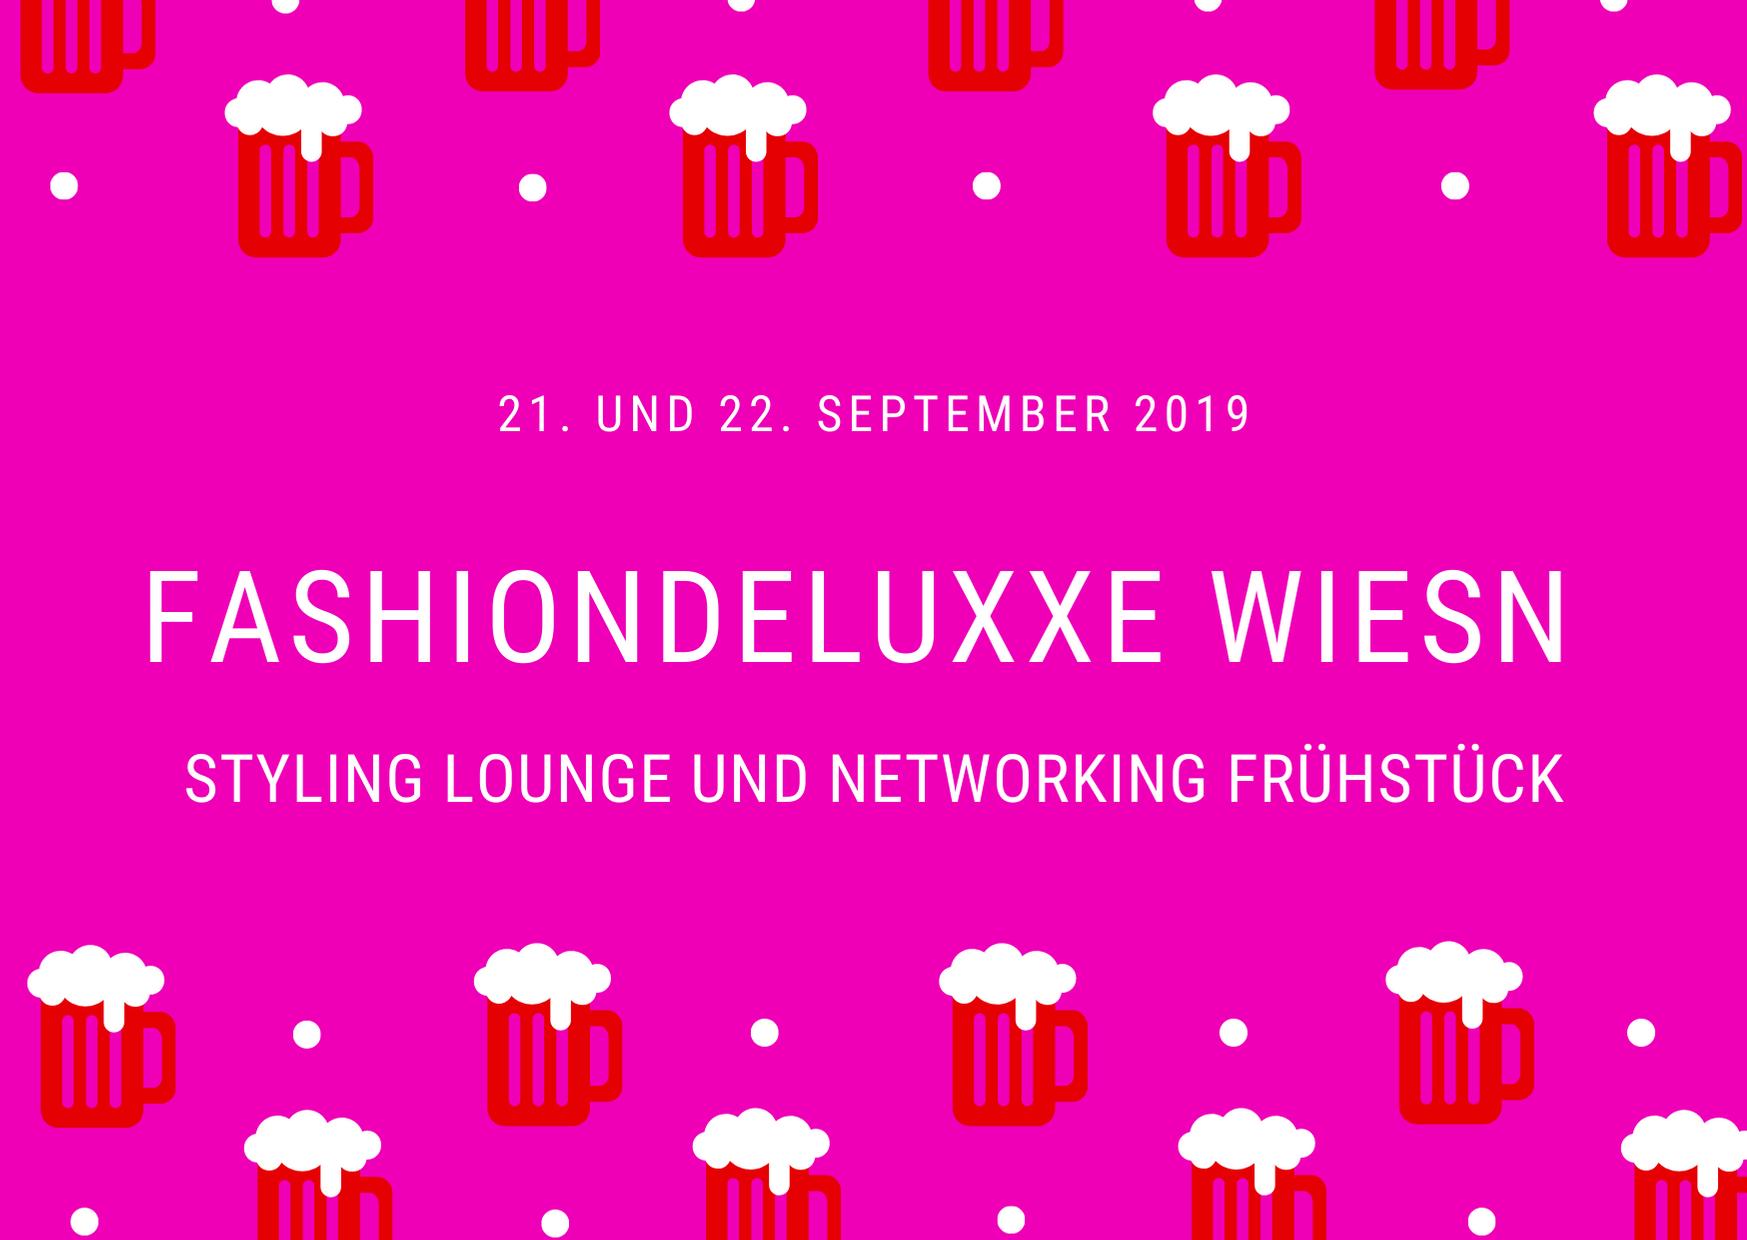 Fashiondeluxxe Wiesn in München